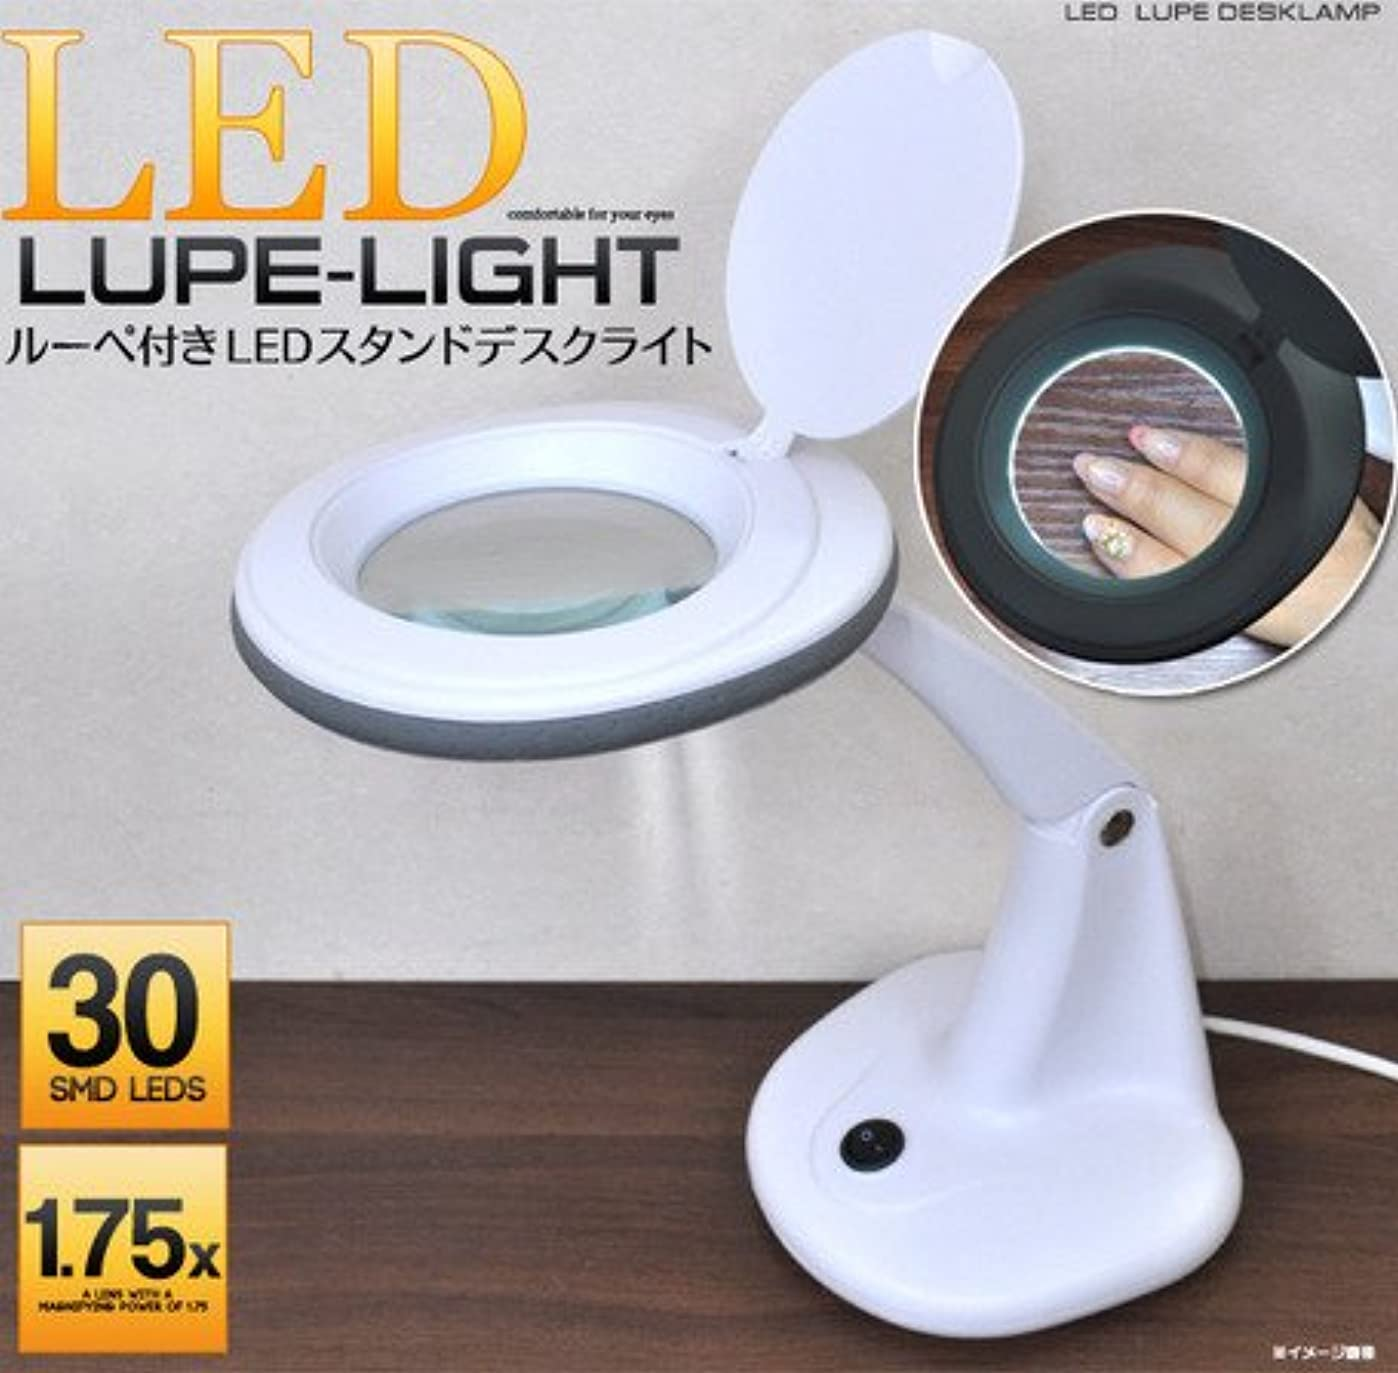 放置報復するプーノ【LEDライト】ネイルアートや工作に! 30灯LEDルーペ付きスタンドデスクライト 1.75倍 1点